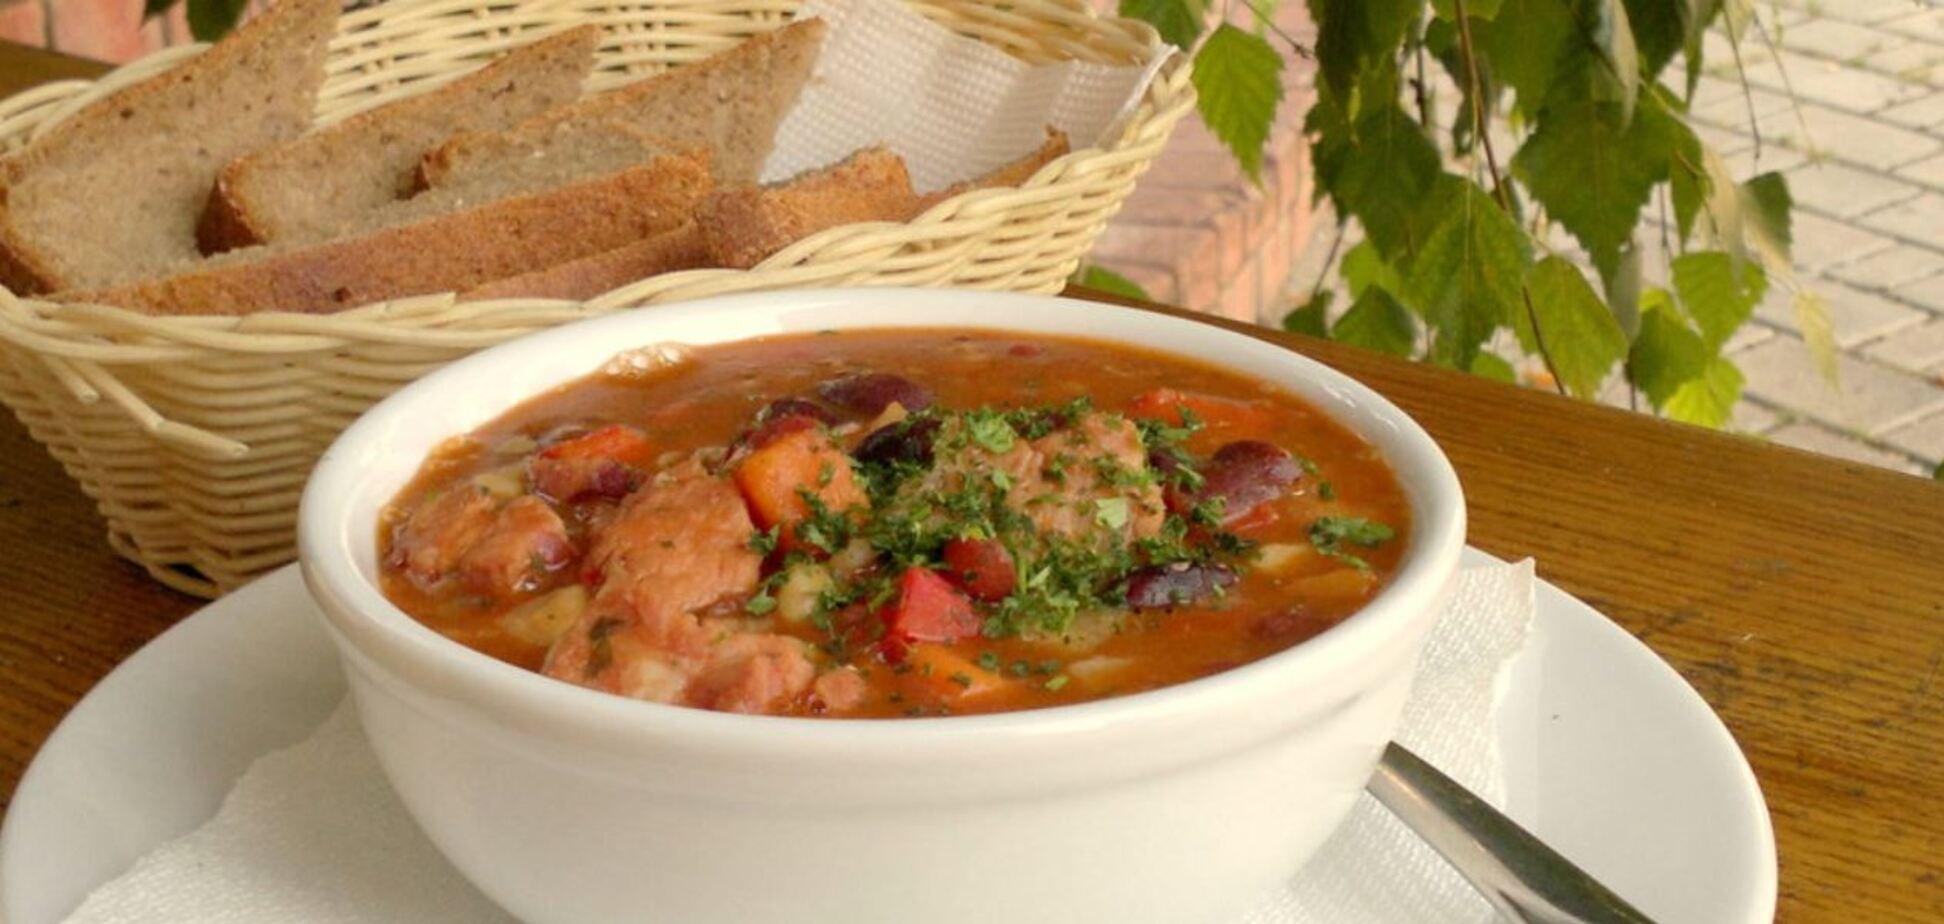 Рецепт сытного венгерского блюда на обед и ужин